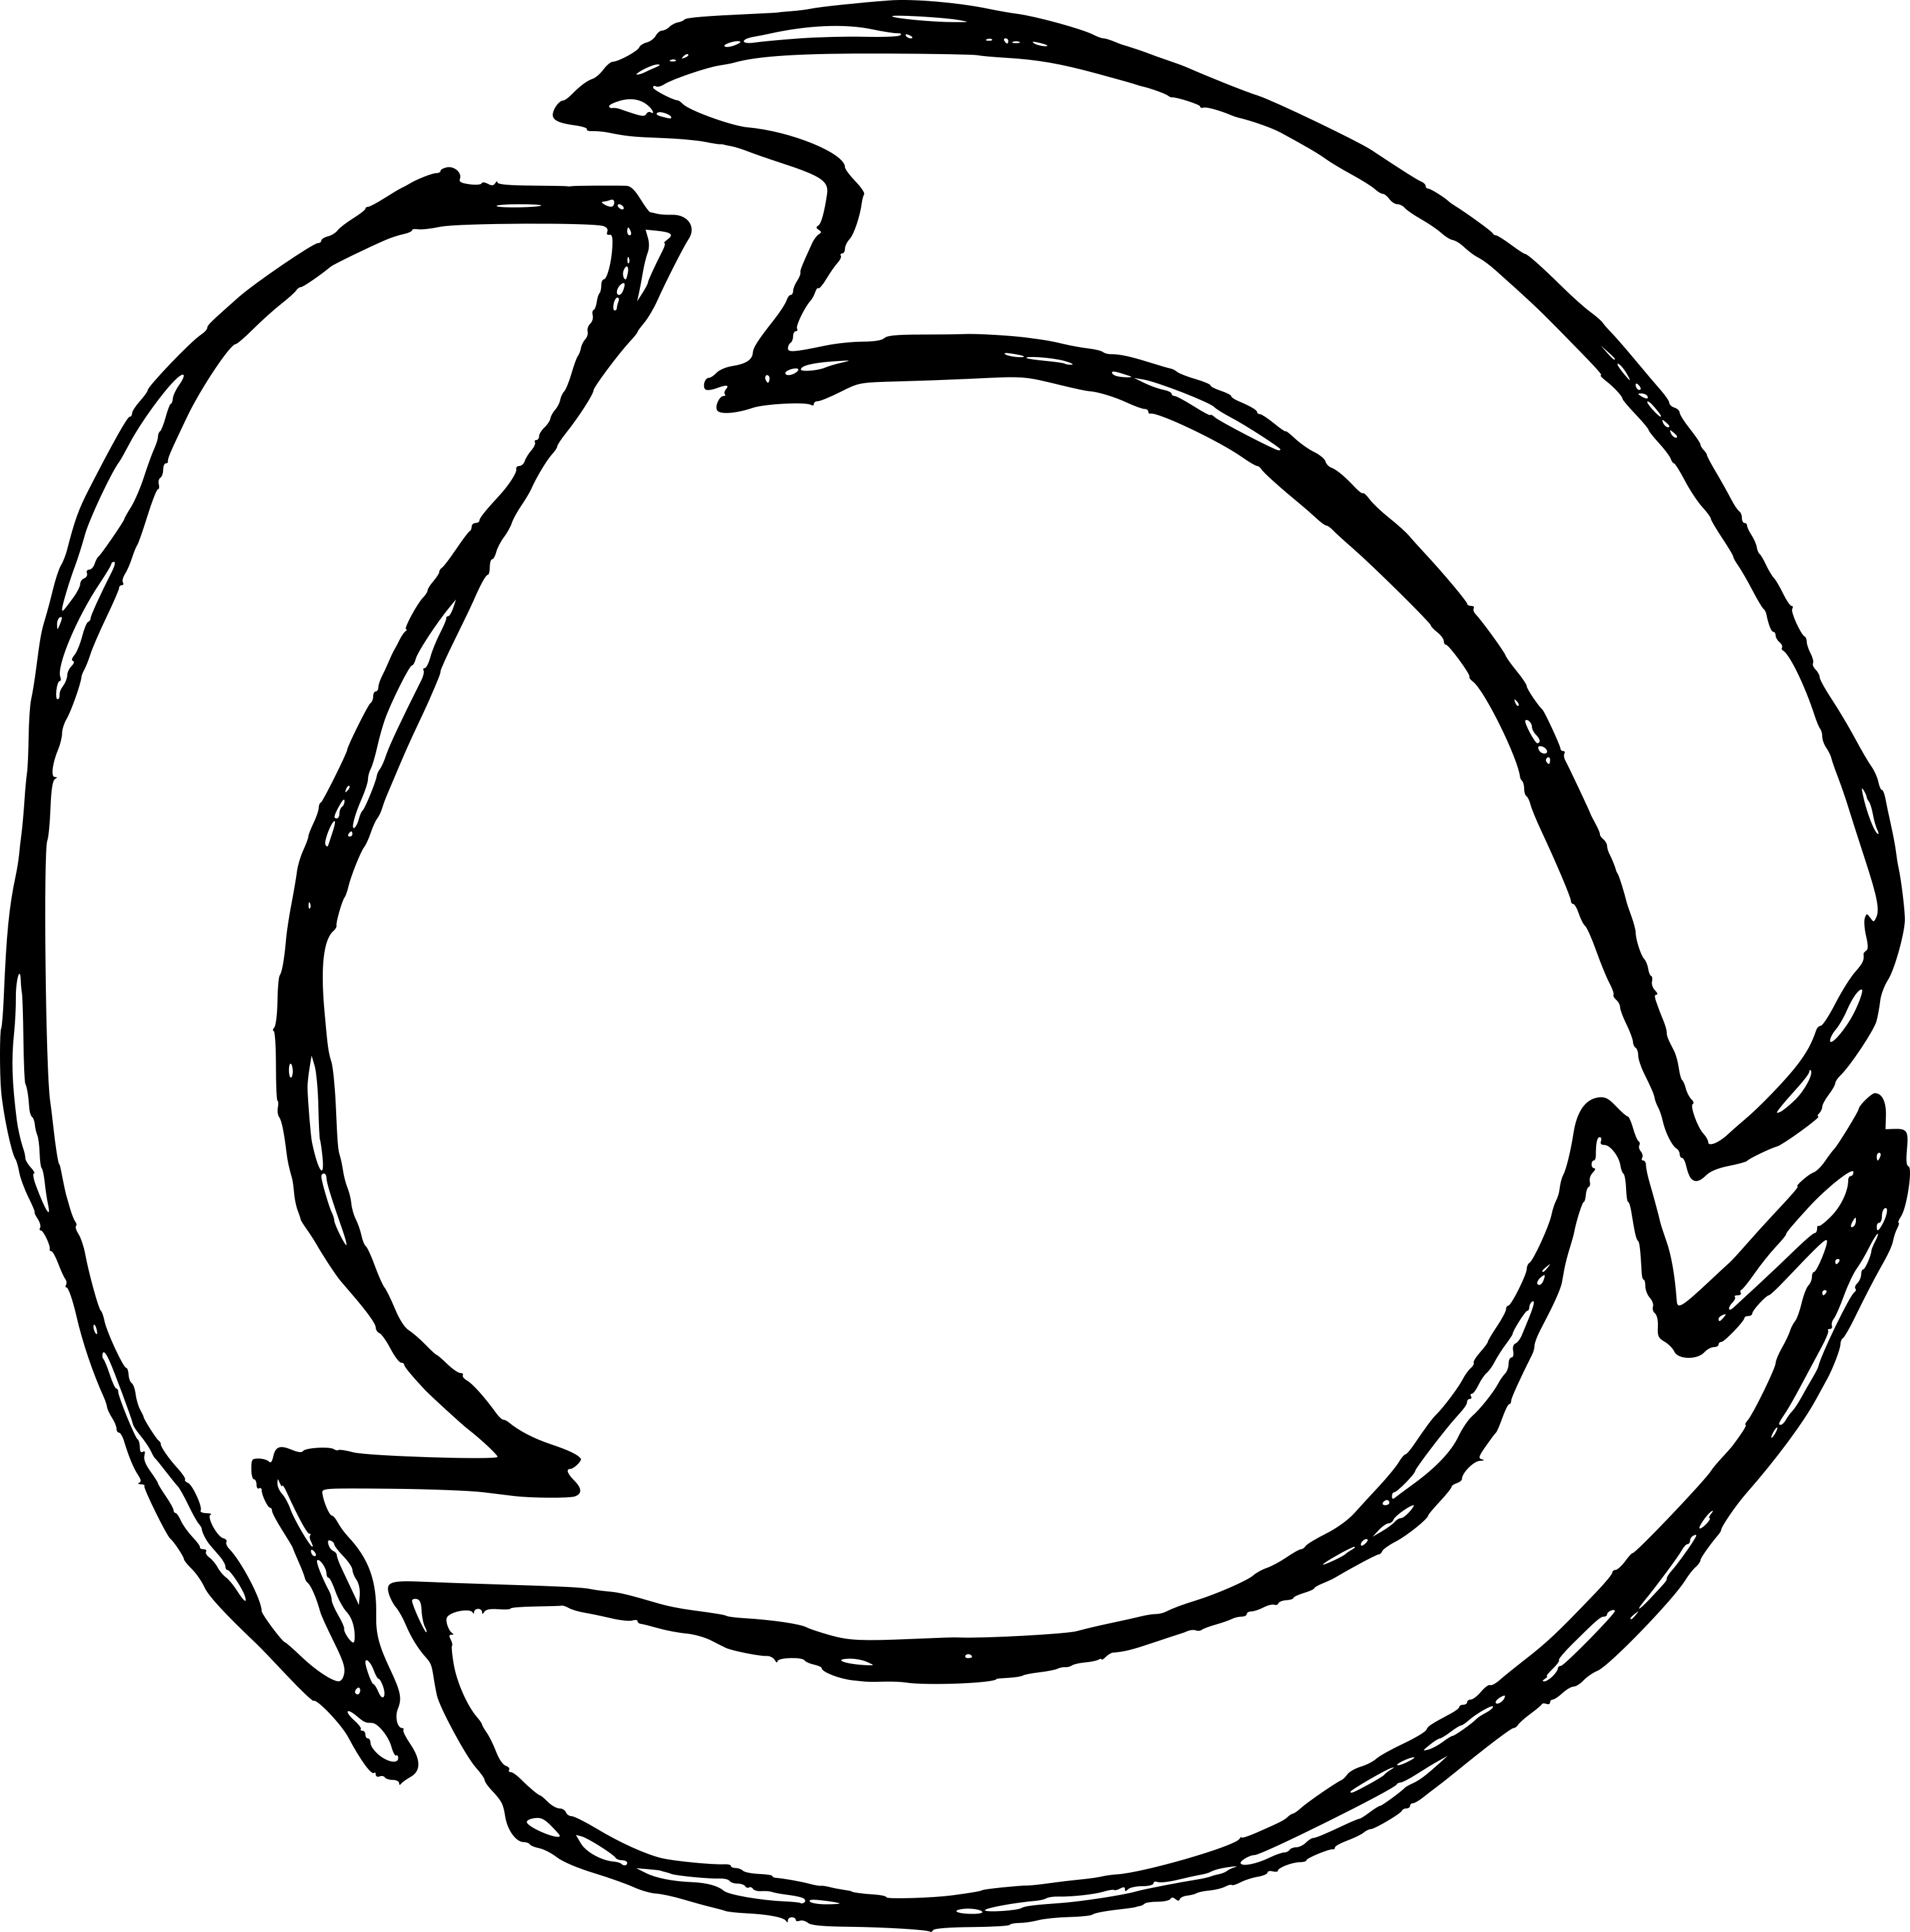 6 Circular Arrow Drawing (PNG Transparent)   OnlyGFX com